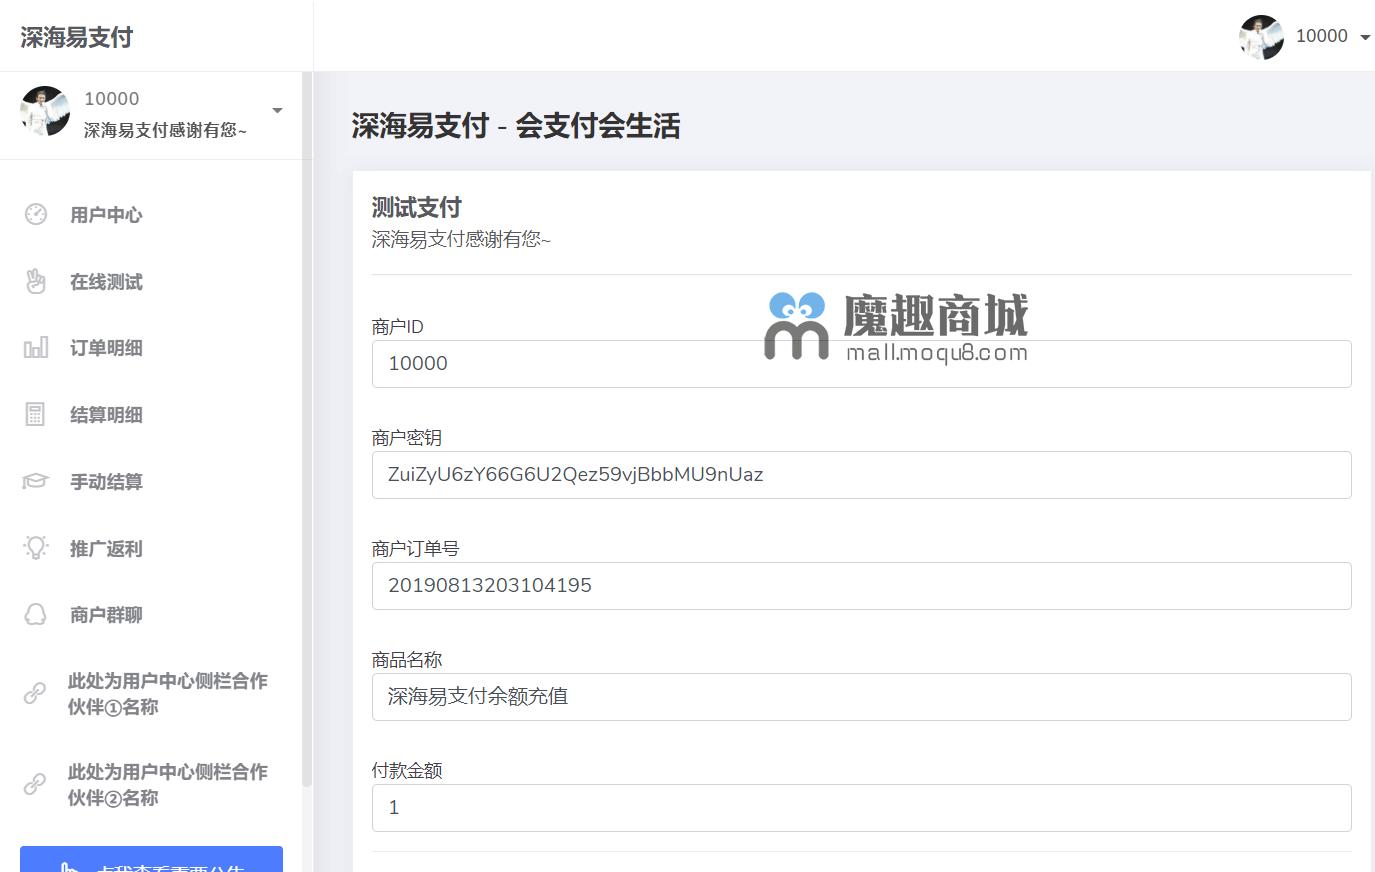 <font color='#FF9900'>深海易支付8.3.0全解密并去除授权带在线开发文档</font>